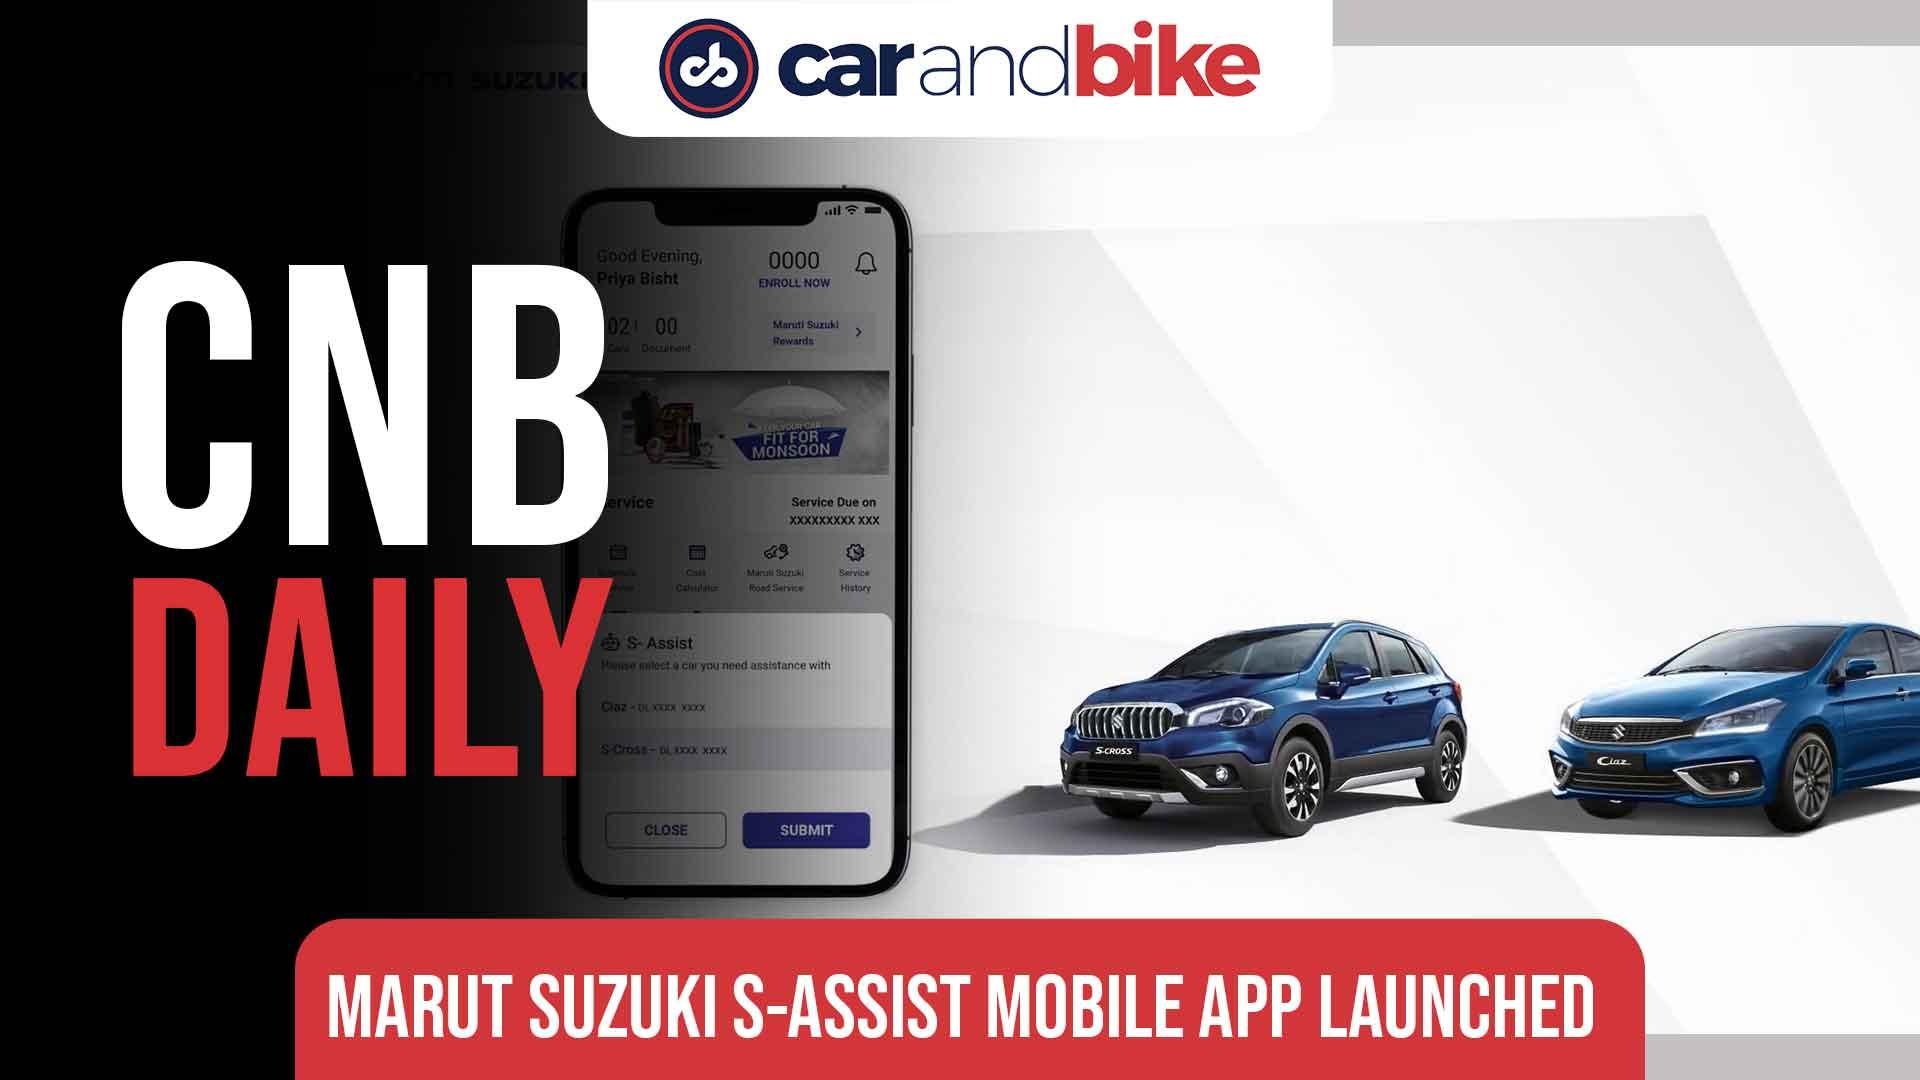 Maruti Suzuki launches S-Assist for Nexa customers